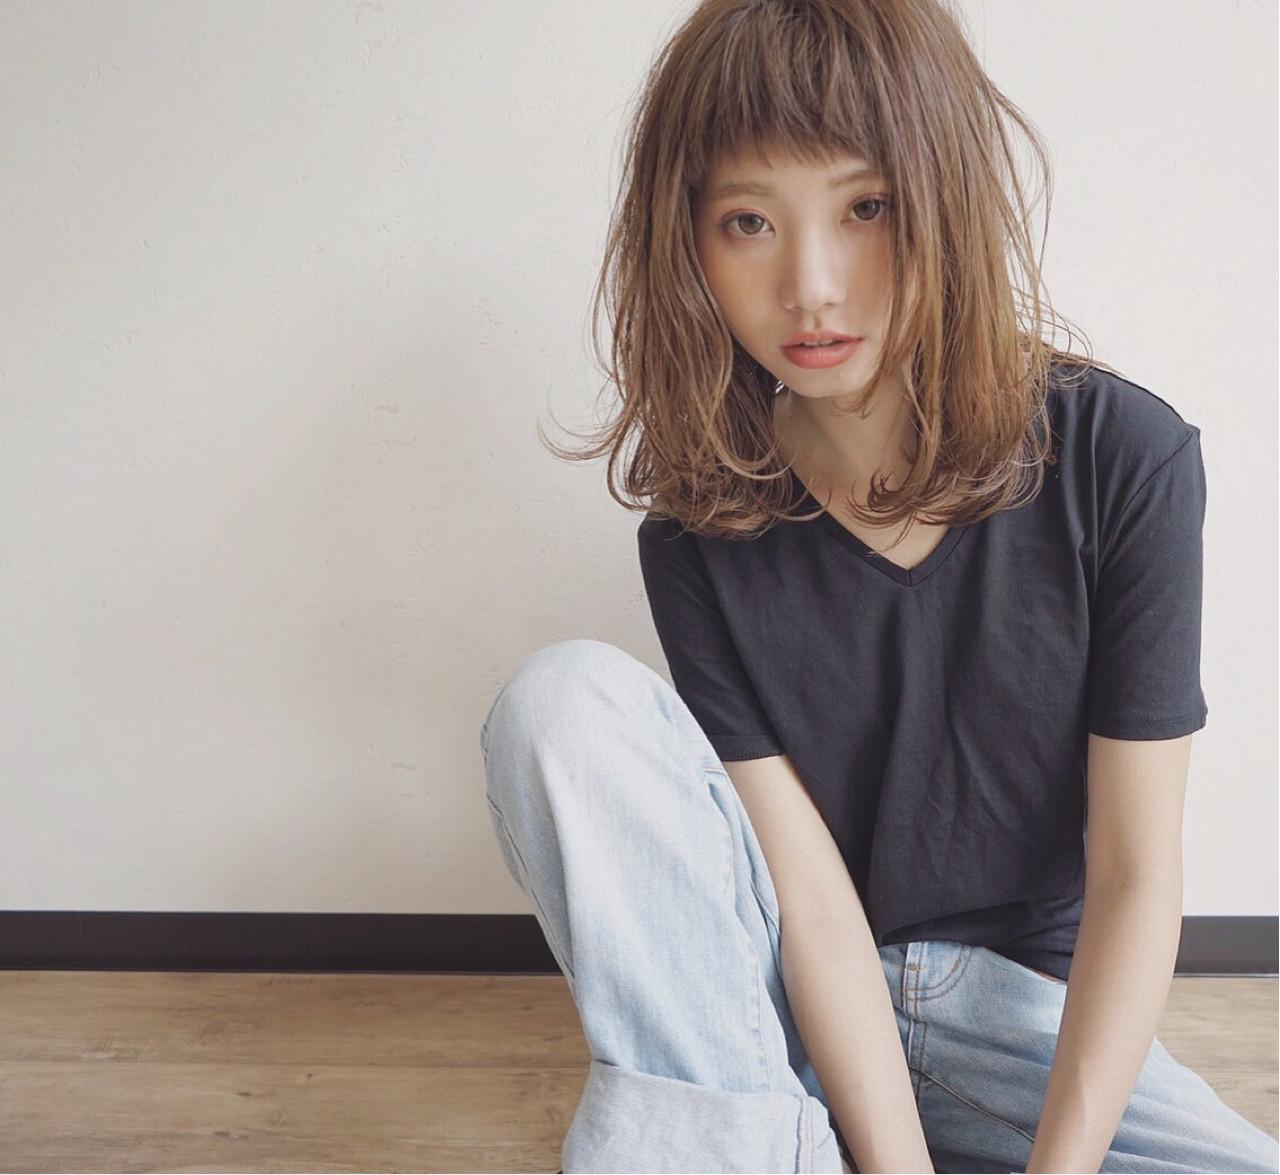 おしゃれヘアスタイル2017!編集部オススメ髪型を長さ別ヘアカタログでお届け! 加藤 優希